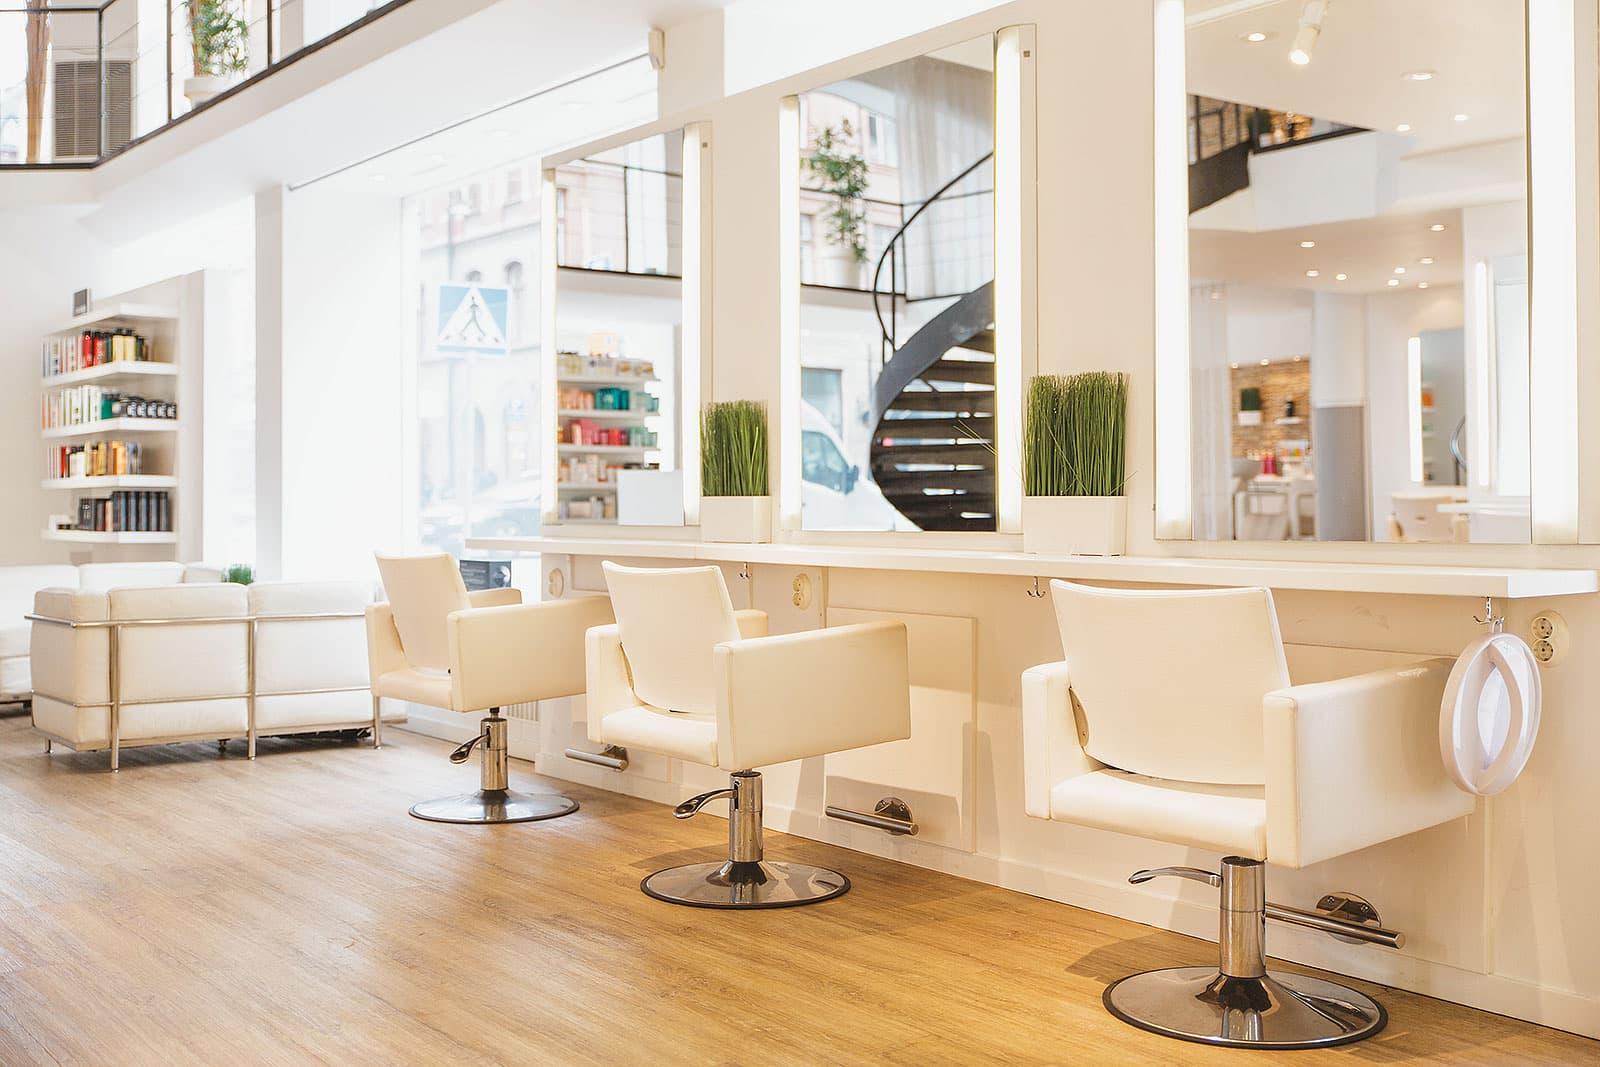 Själva salongen är modern och luftig och här vill man plocka fram det bästa  ur kunden 90df9bdae75a1